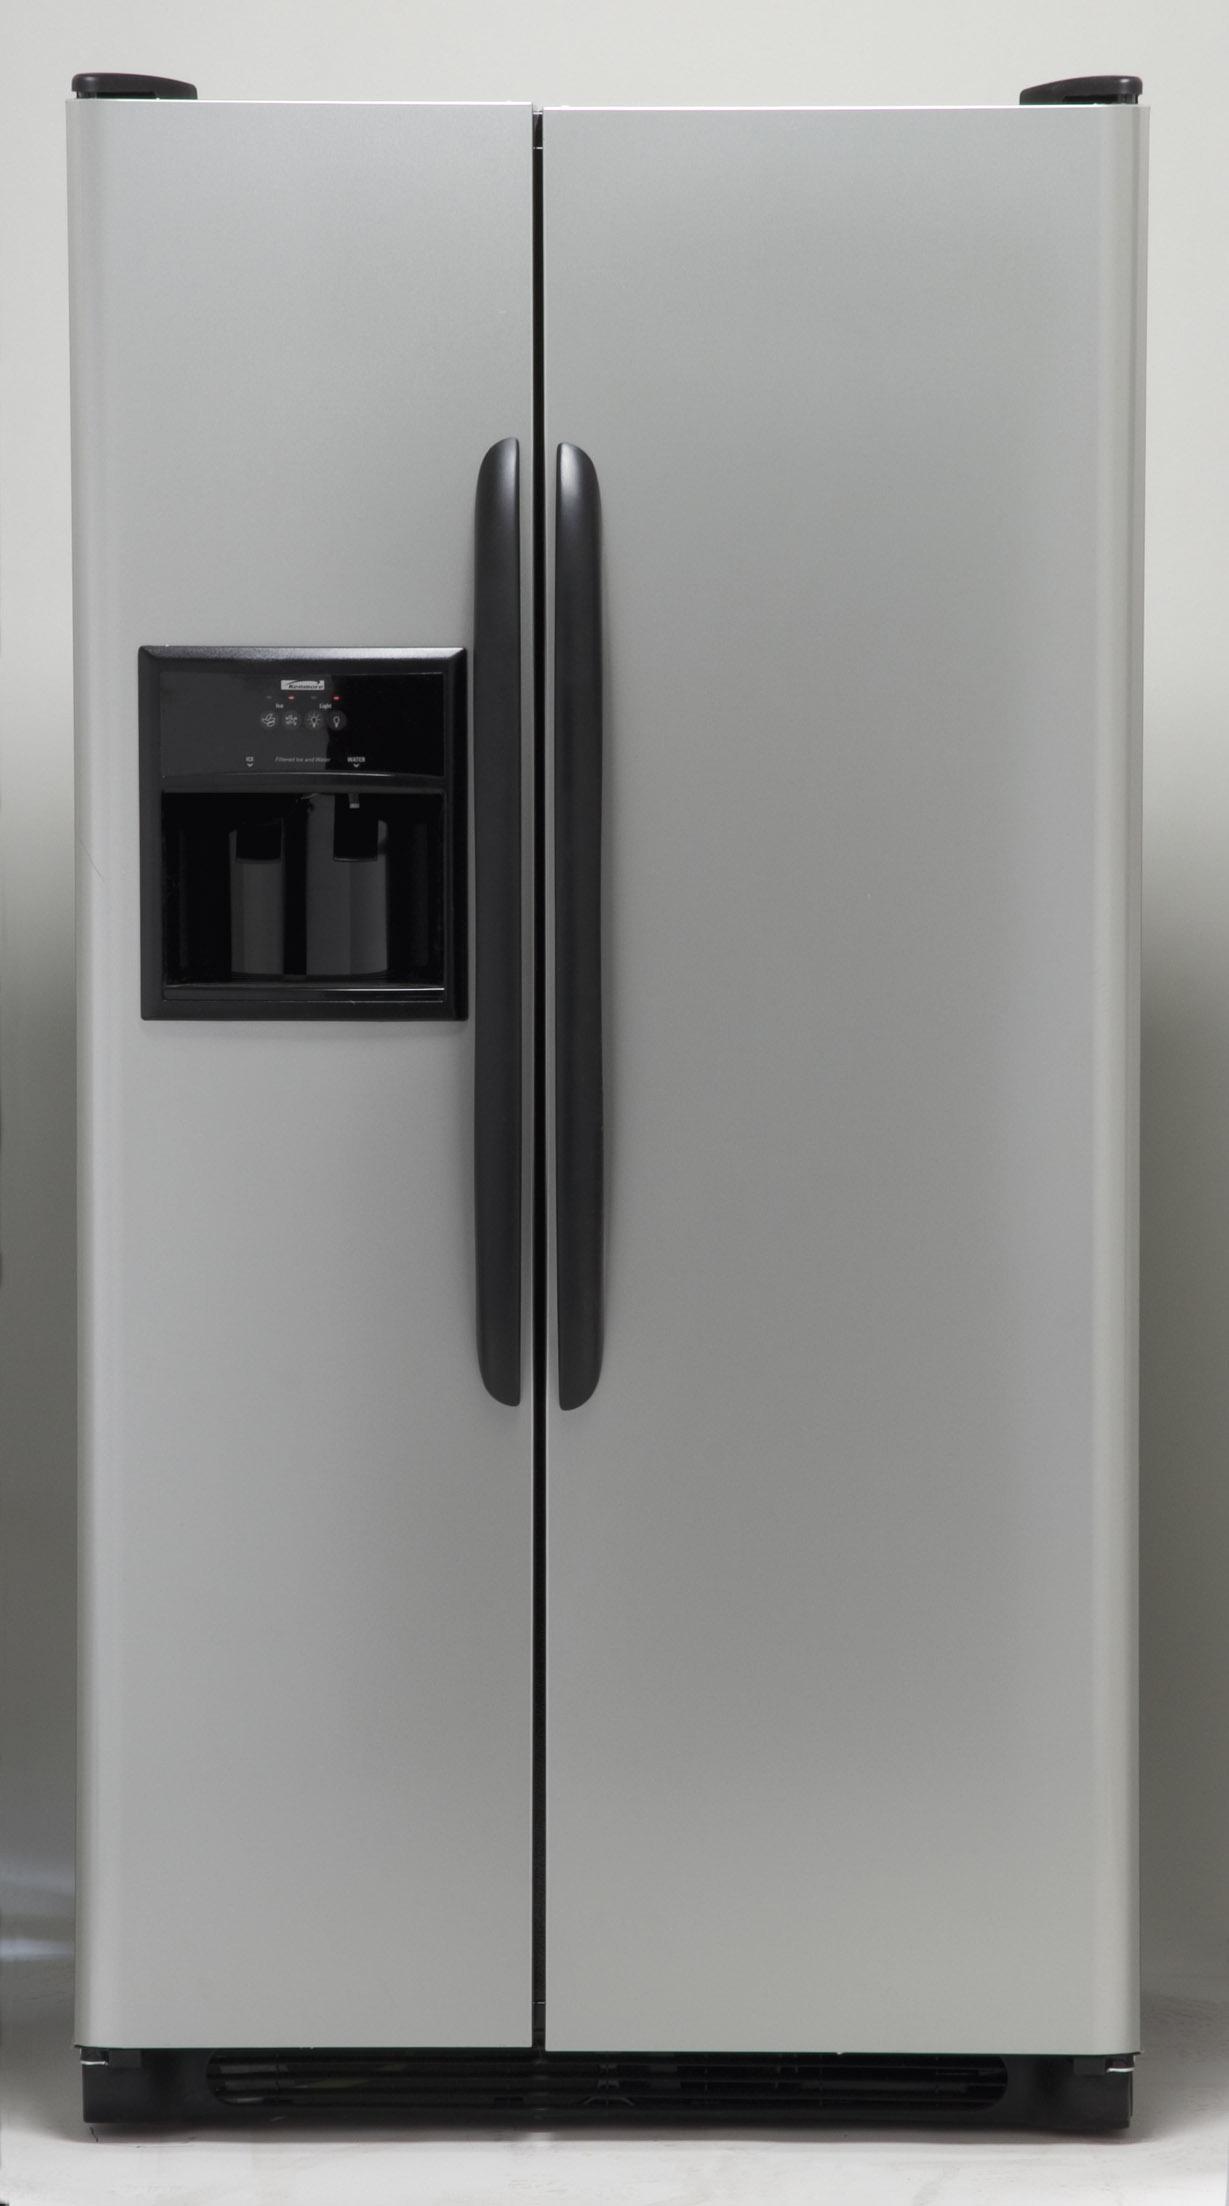 Kenmore Refrigerator Model 253 57388601 Parts Amp Repair